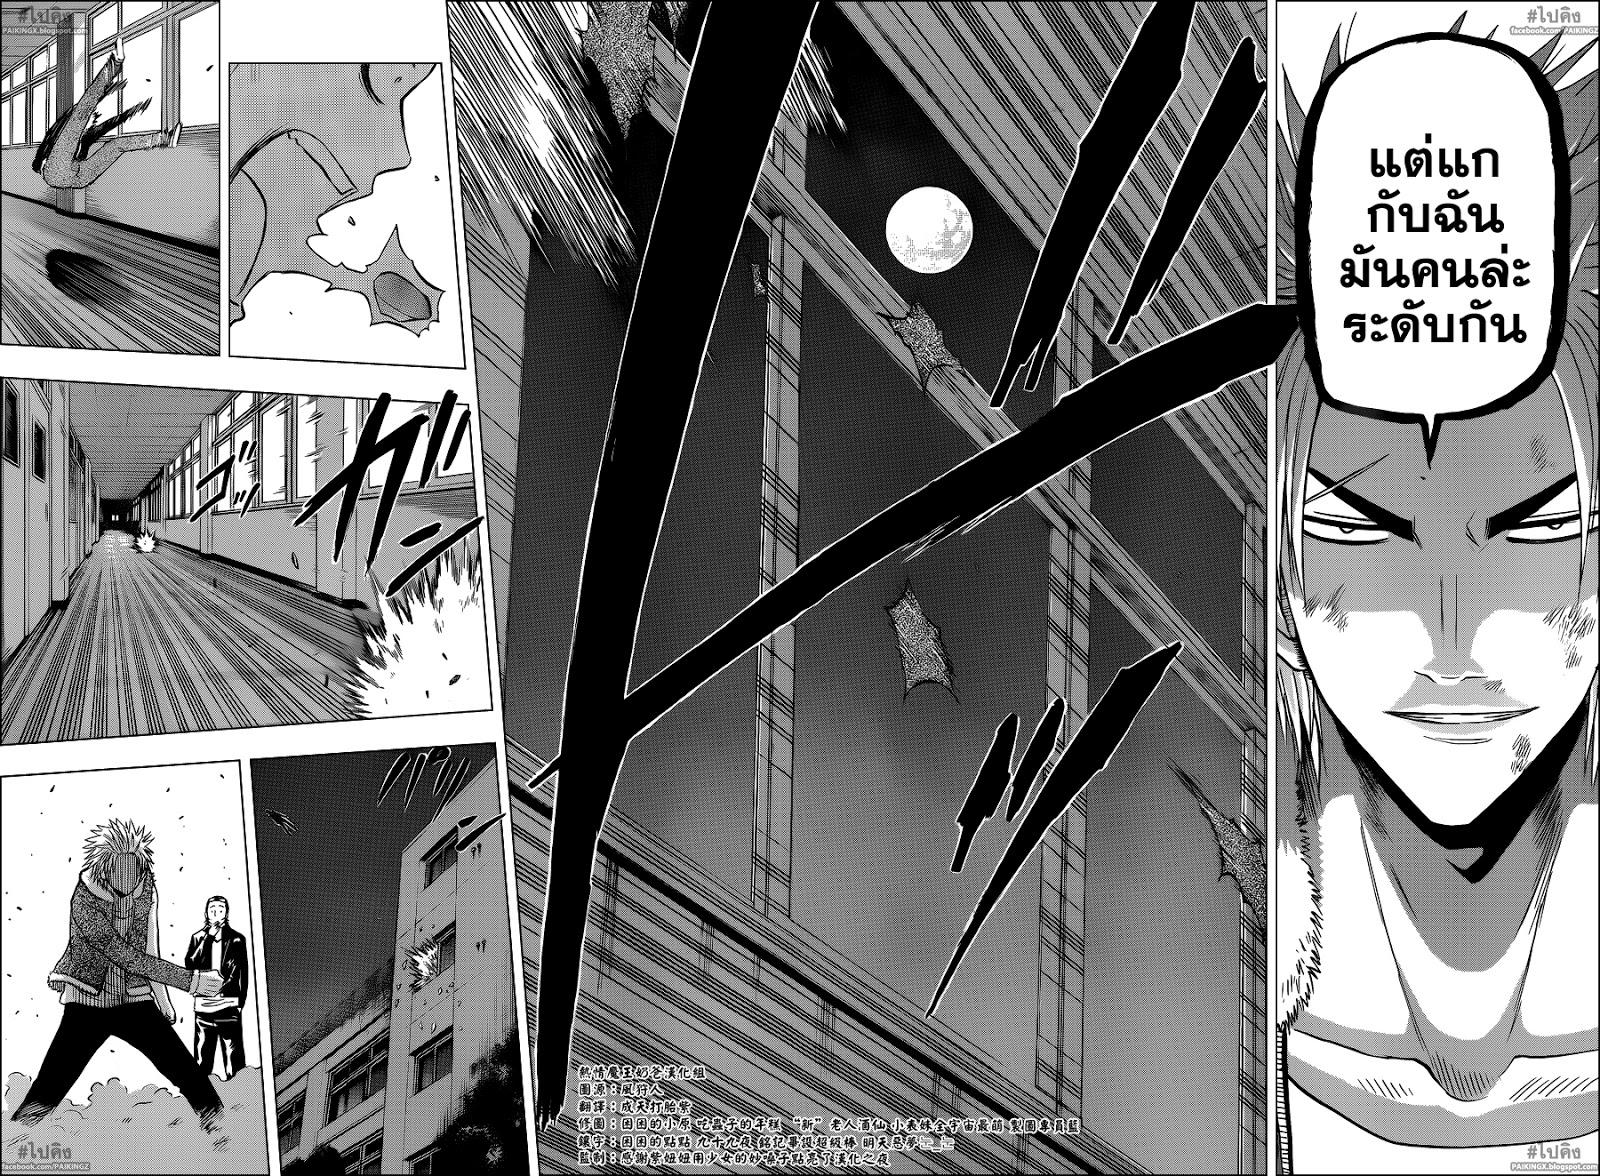 อ่านการ์ตูน Beelzebub211 แปลไทย เทนนิสของโทโจ